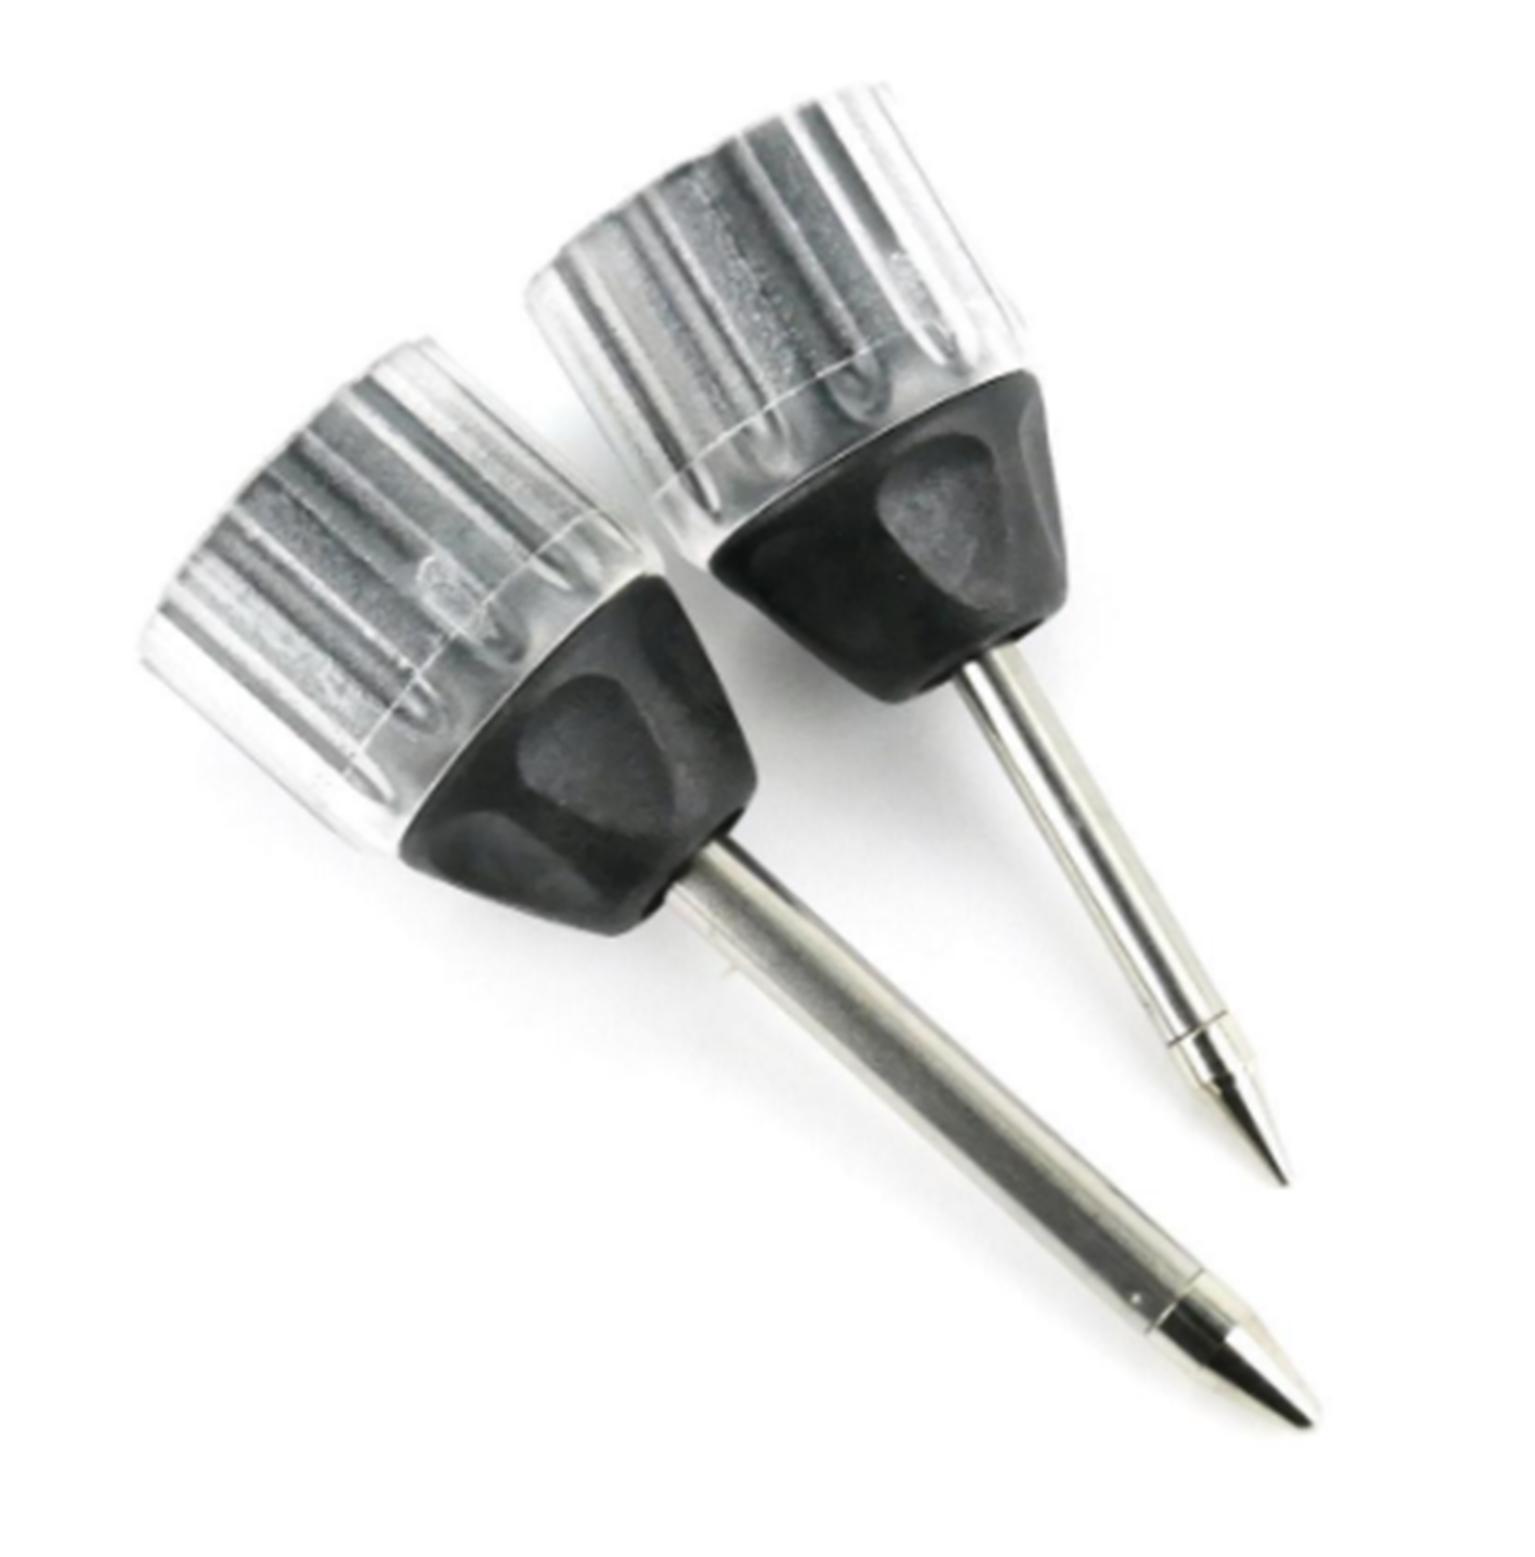 Cordless Soldering Iron Tip Set